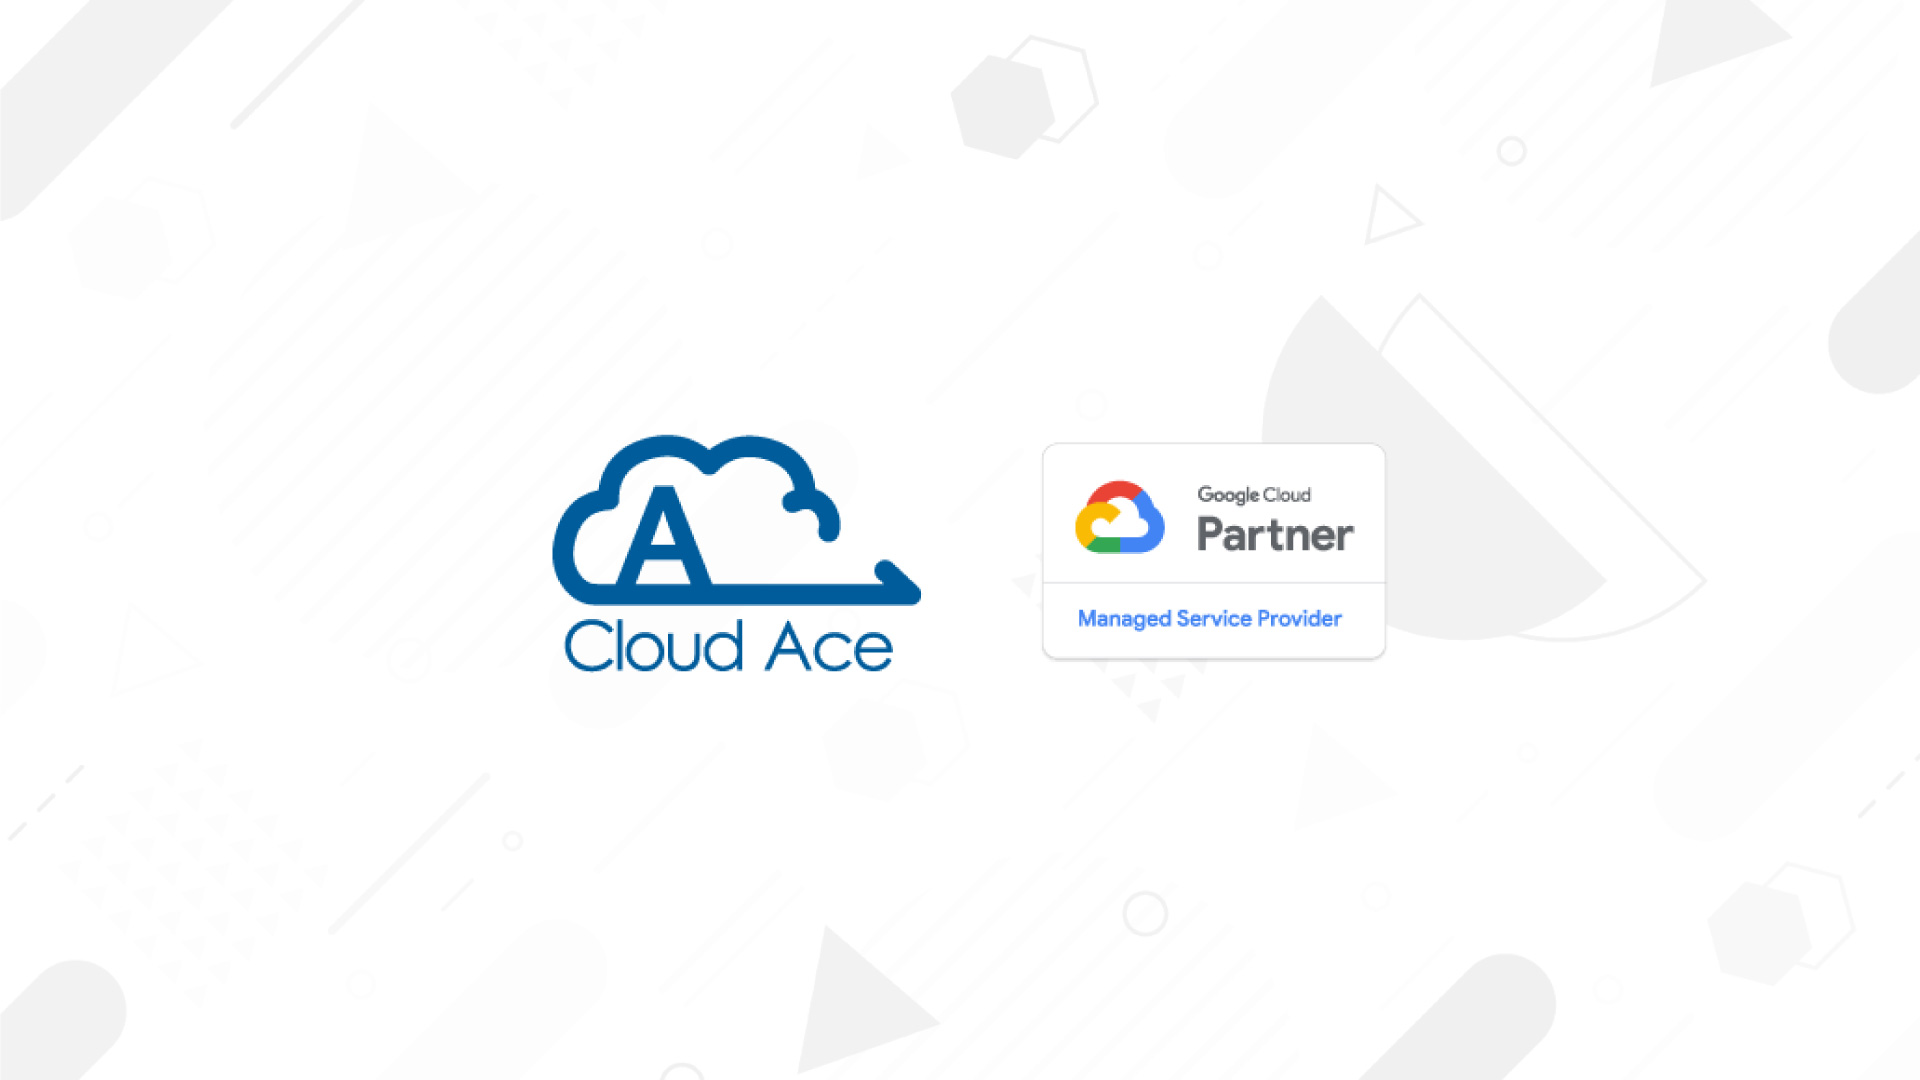 Cloud Ace ให้บริการ Google Cloud Managed Services ในประเทศไทยแล้ววันนี้